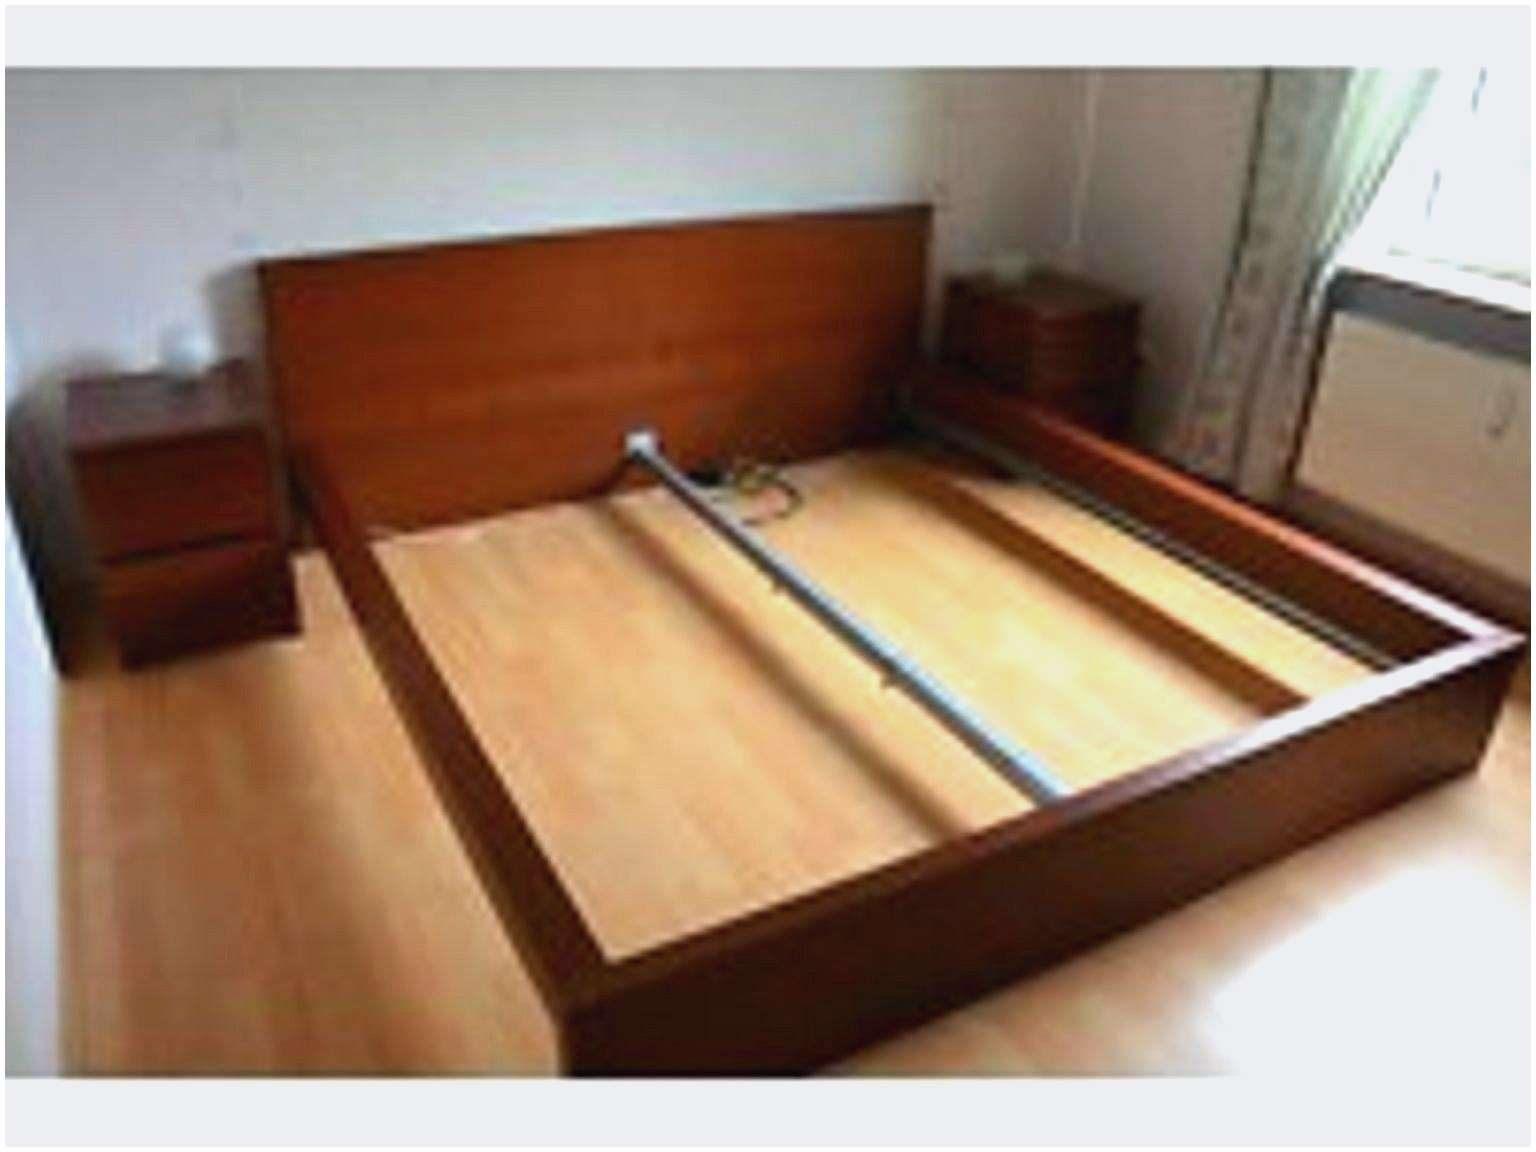 Lit Flaxa Ikea Meilleur De Beau Ikea Line Betten Einzigartig Kopfteil Bett Selber Machen Ikea